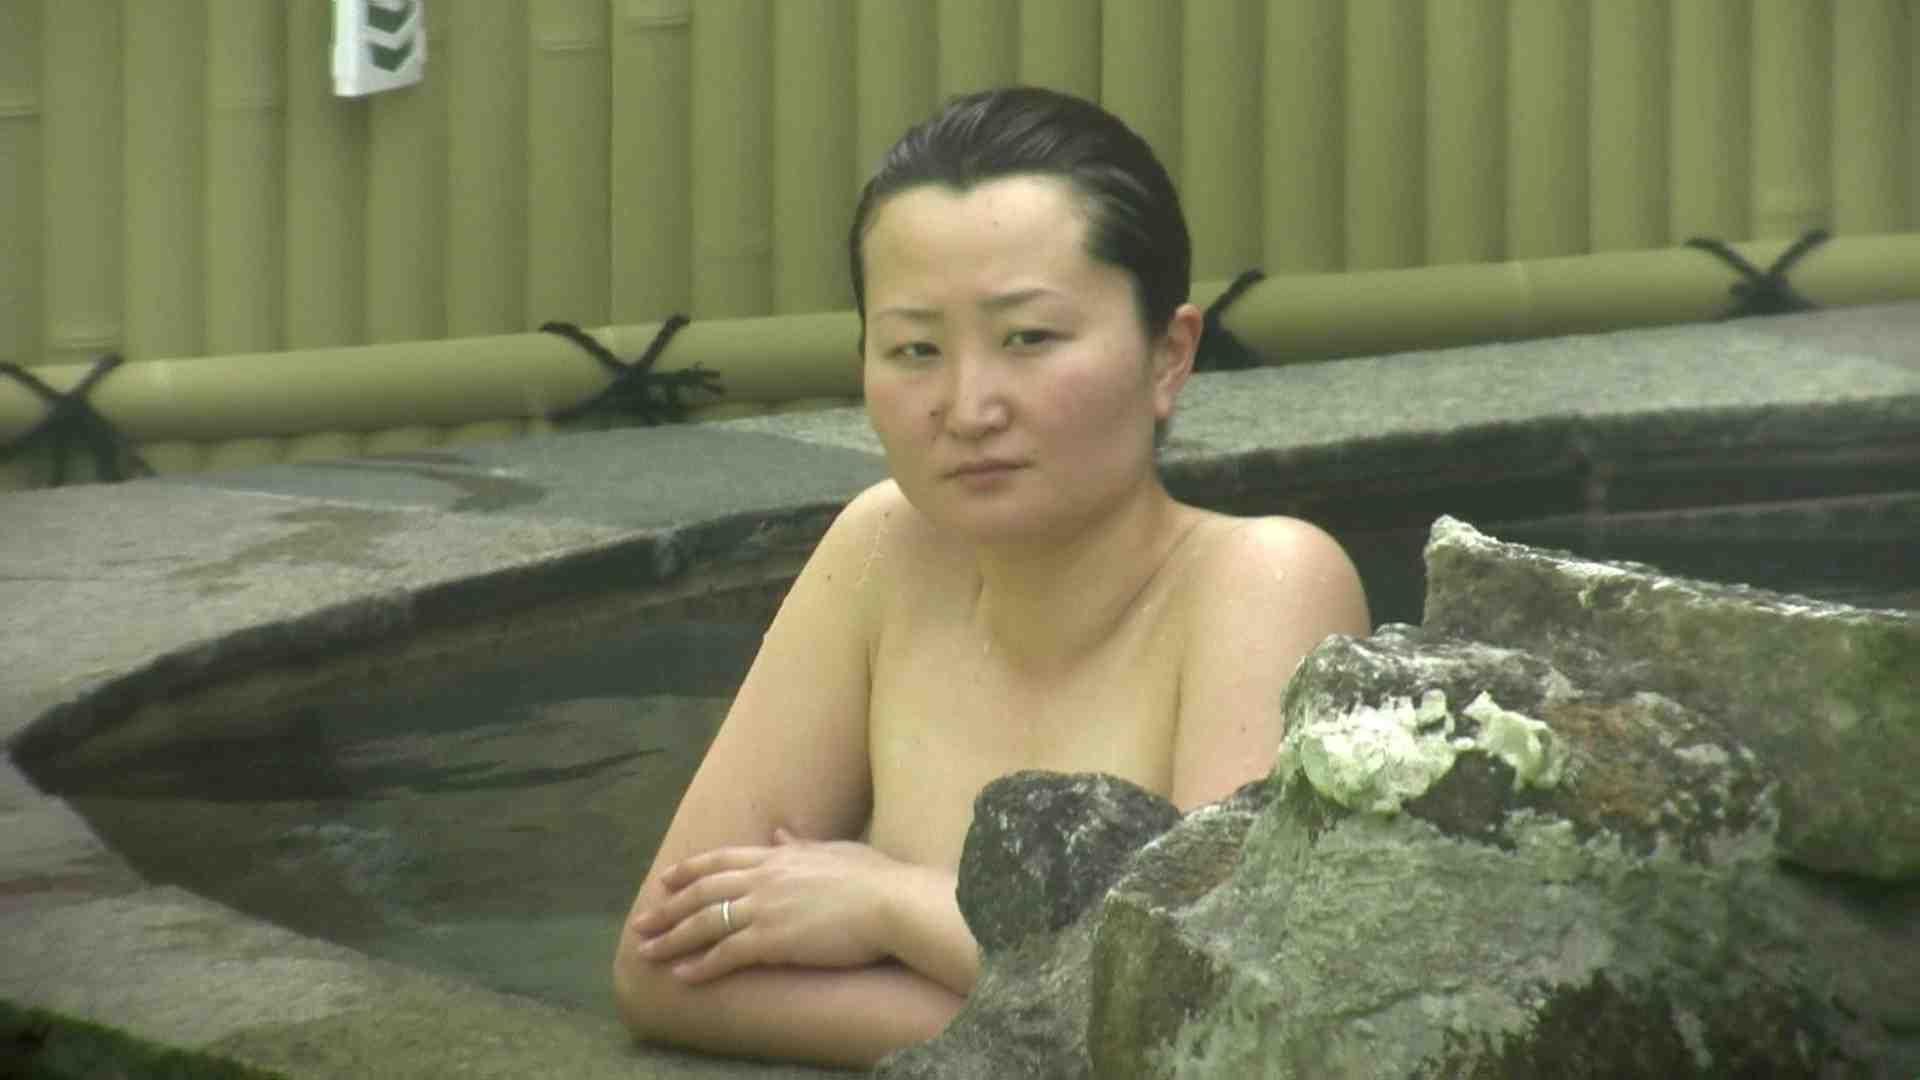 Aquaな露天風呂Vol.632 女体盗撮 | 露天  75連発 67